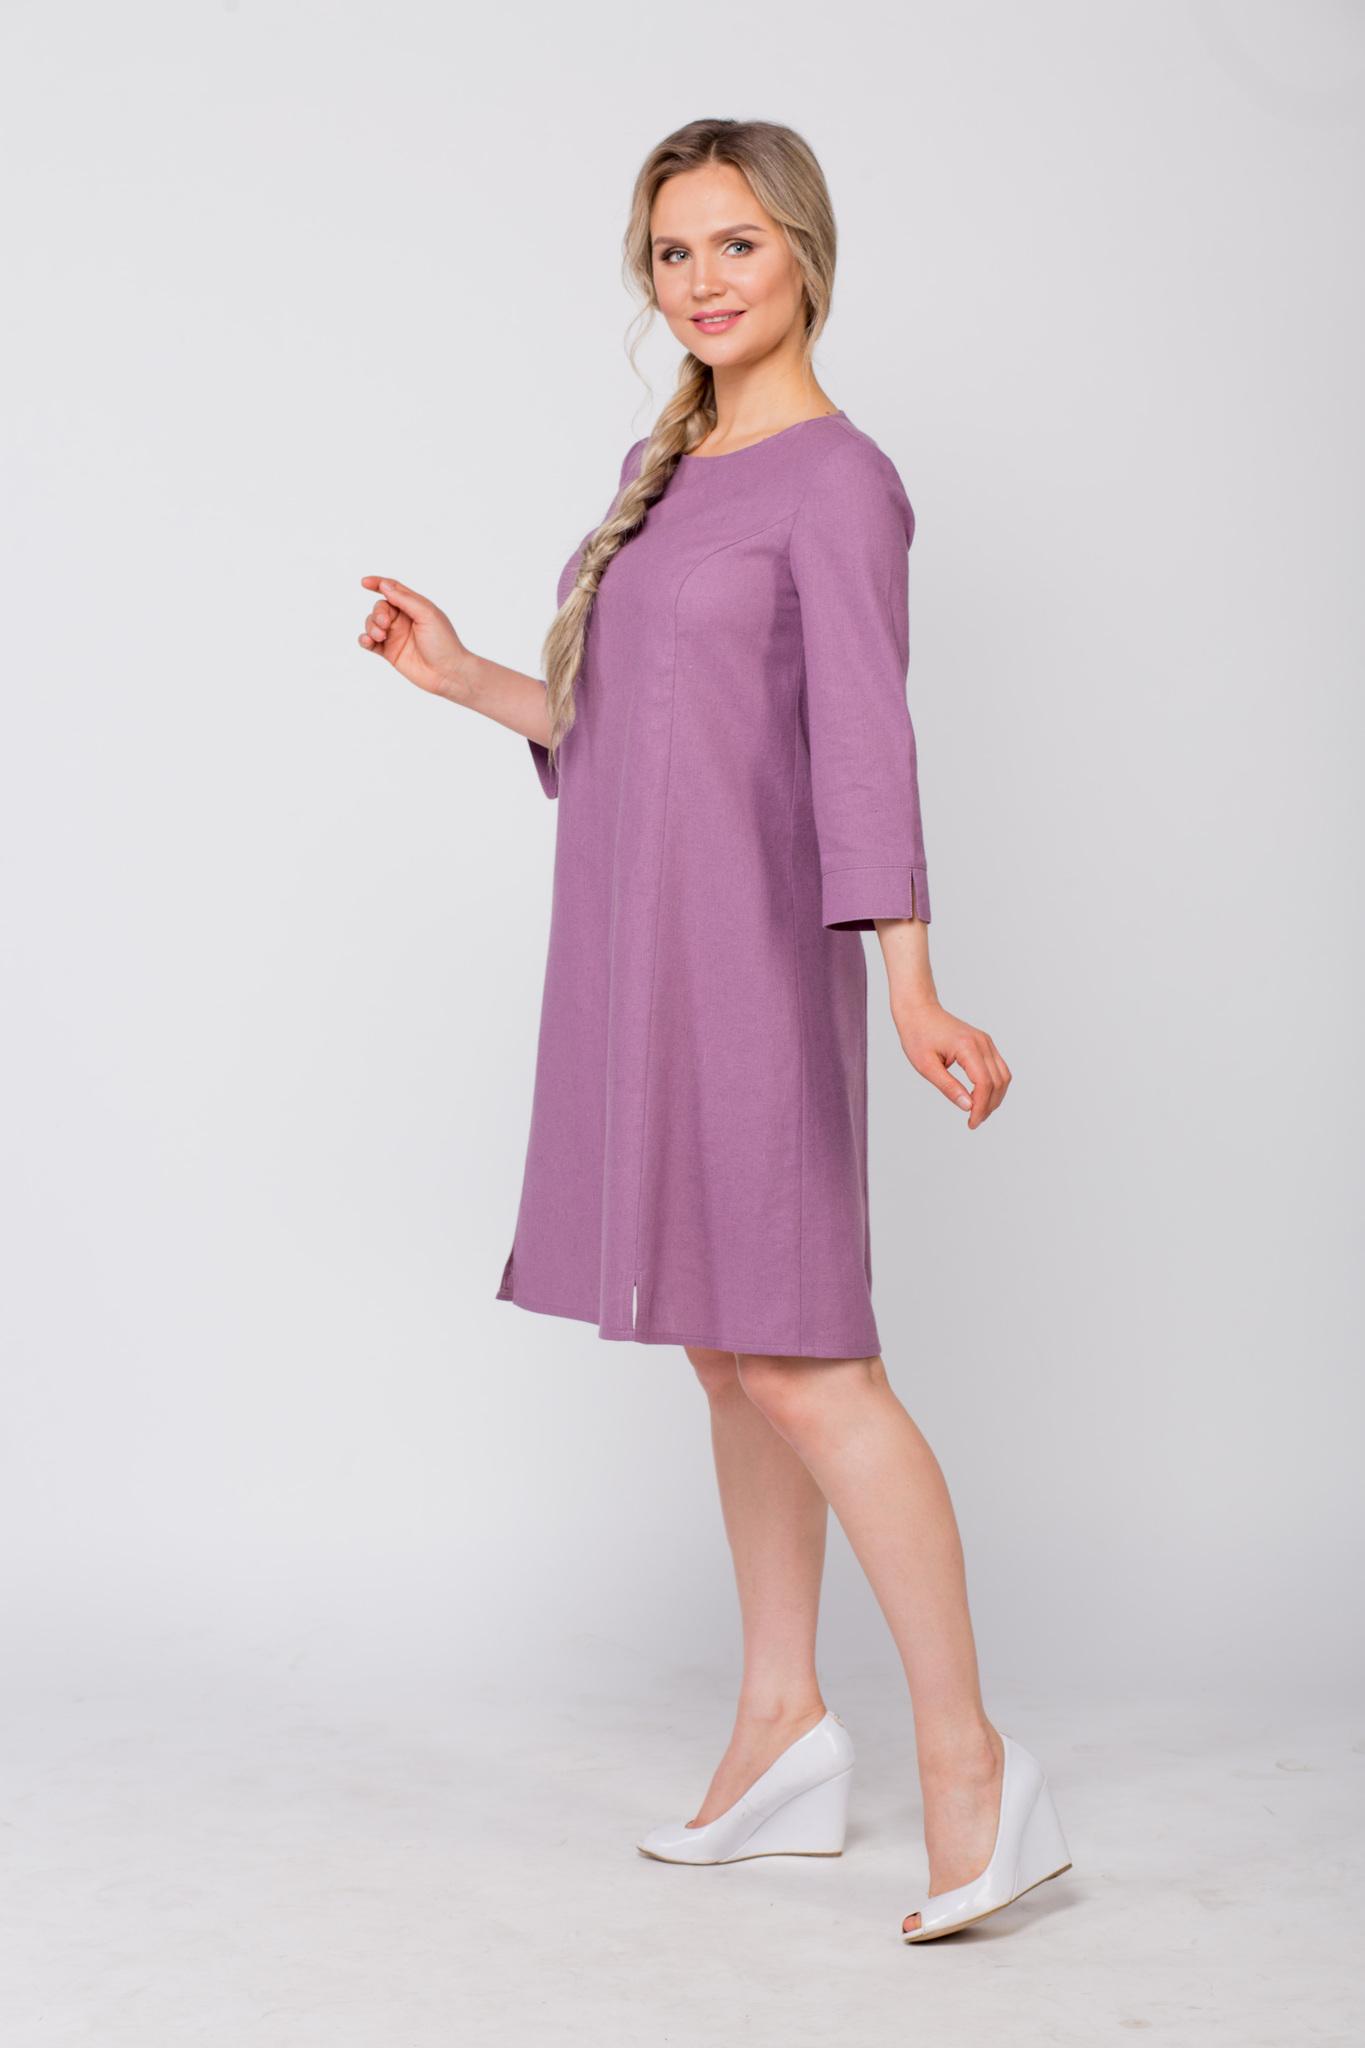 Платье льняное Лаванда славянский магазин